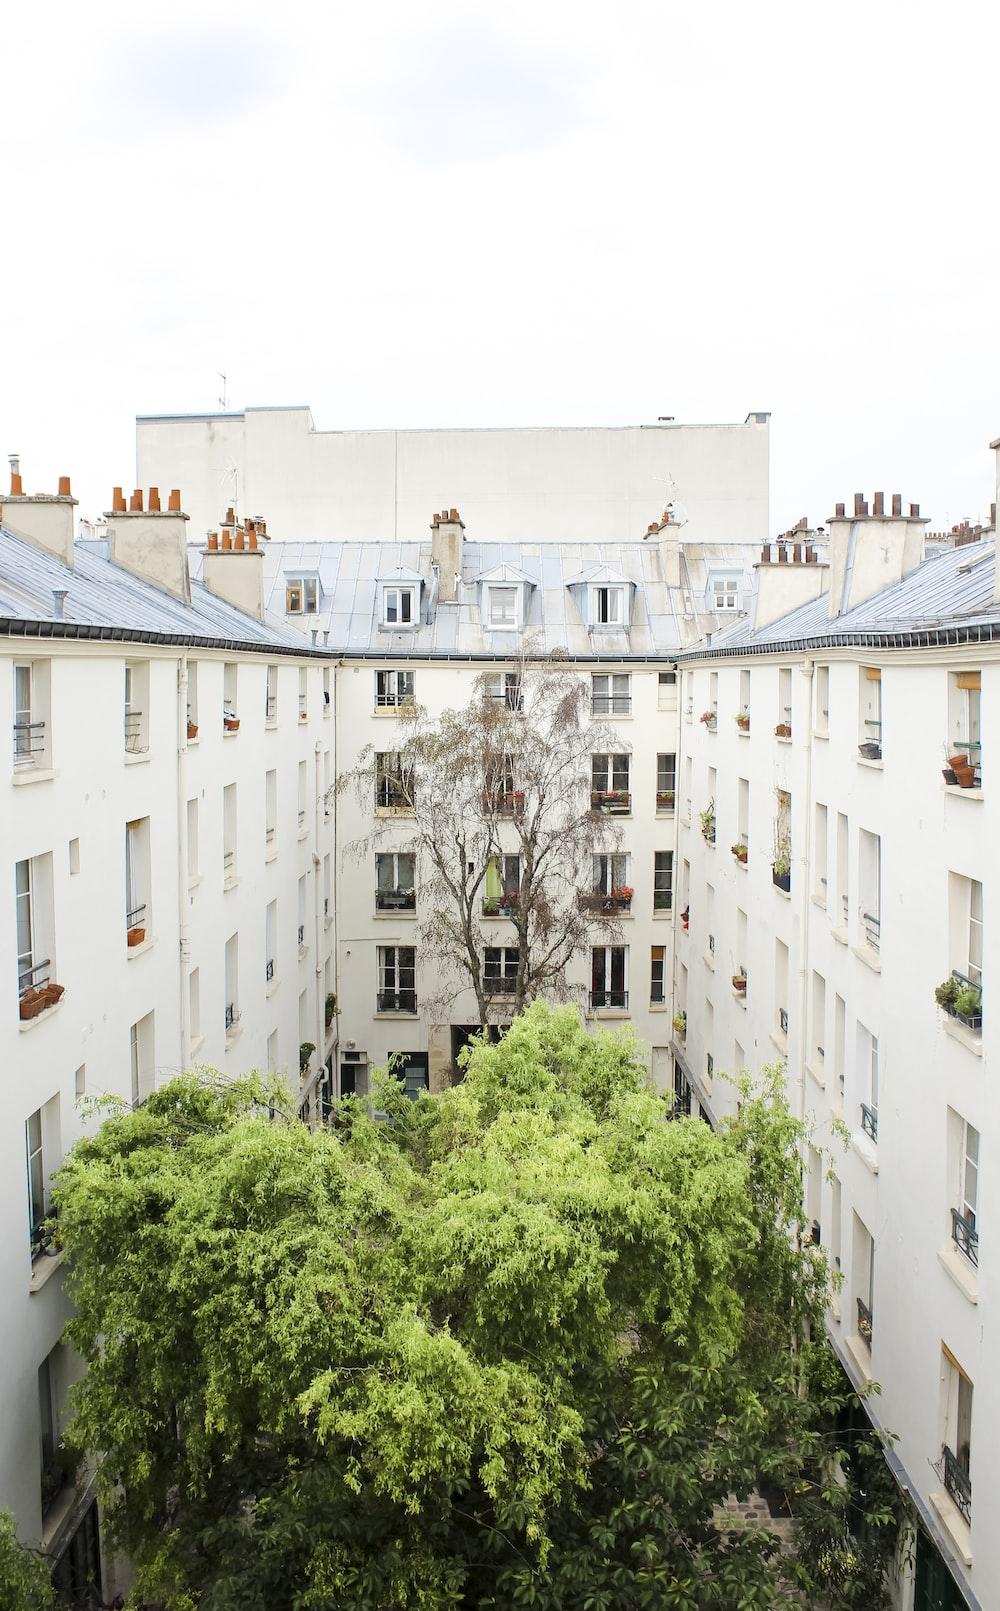 green trees between buildings